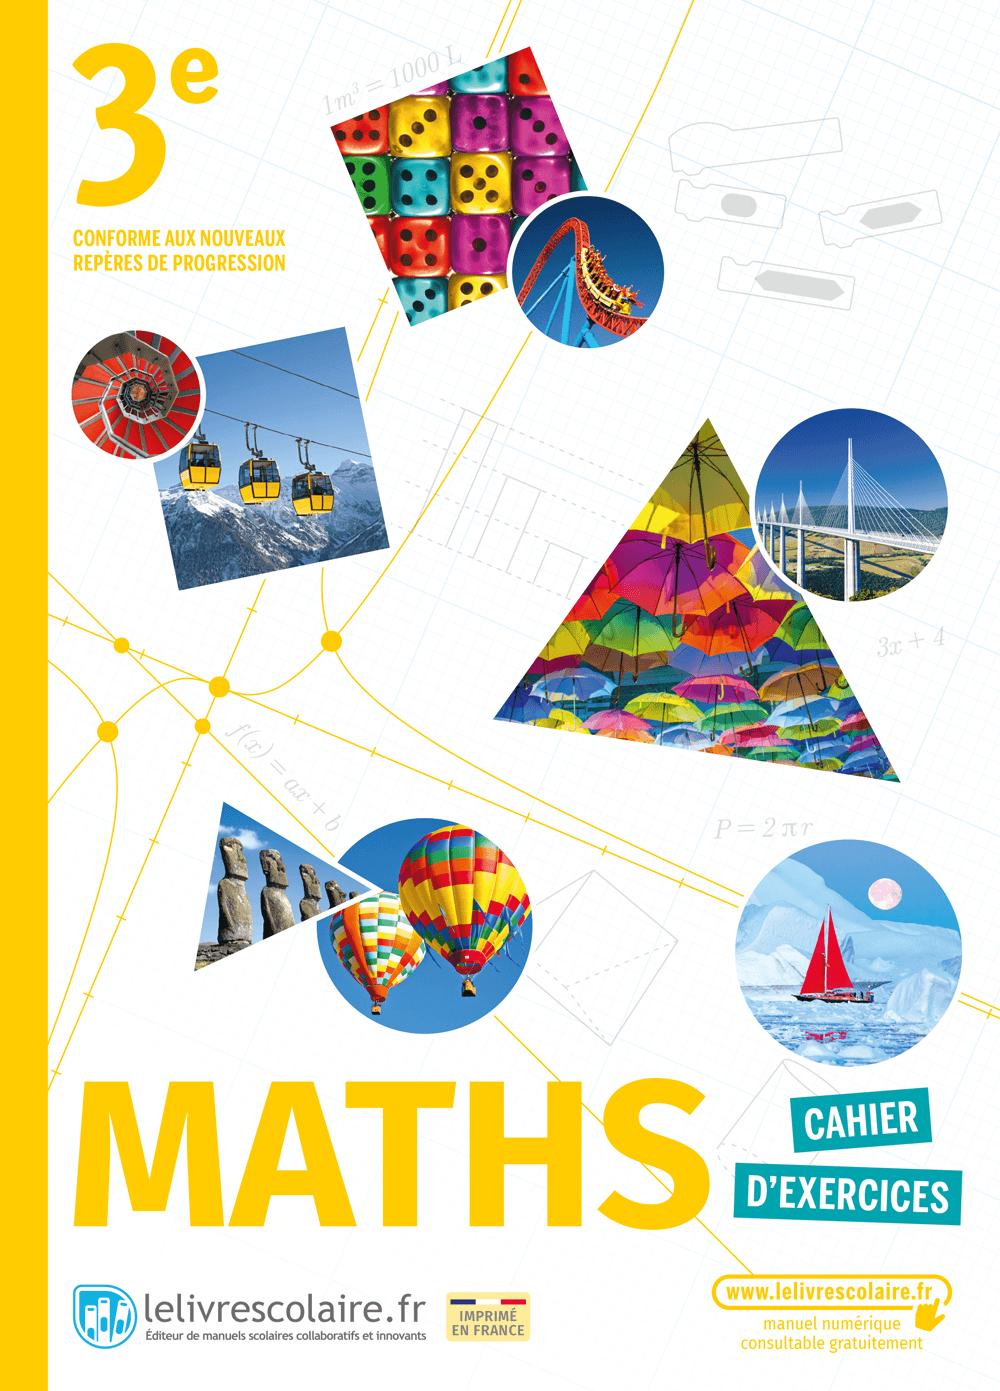 Couverture du manuel scolaire : Mathématiques 3e - Cahier d'exercices